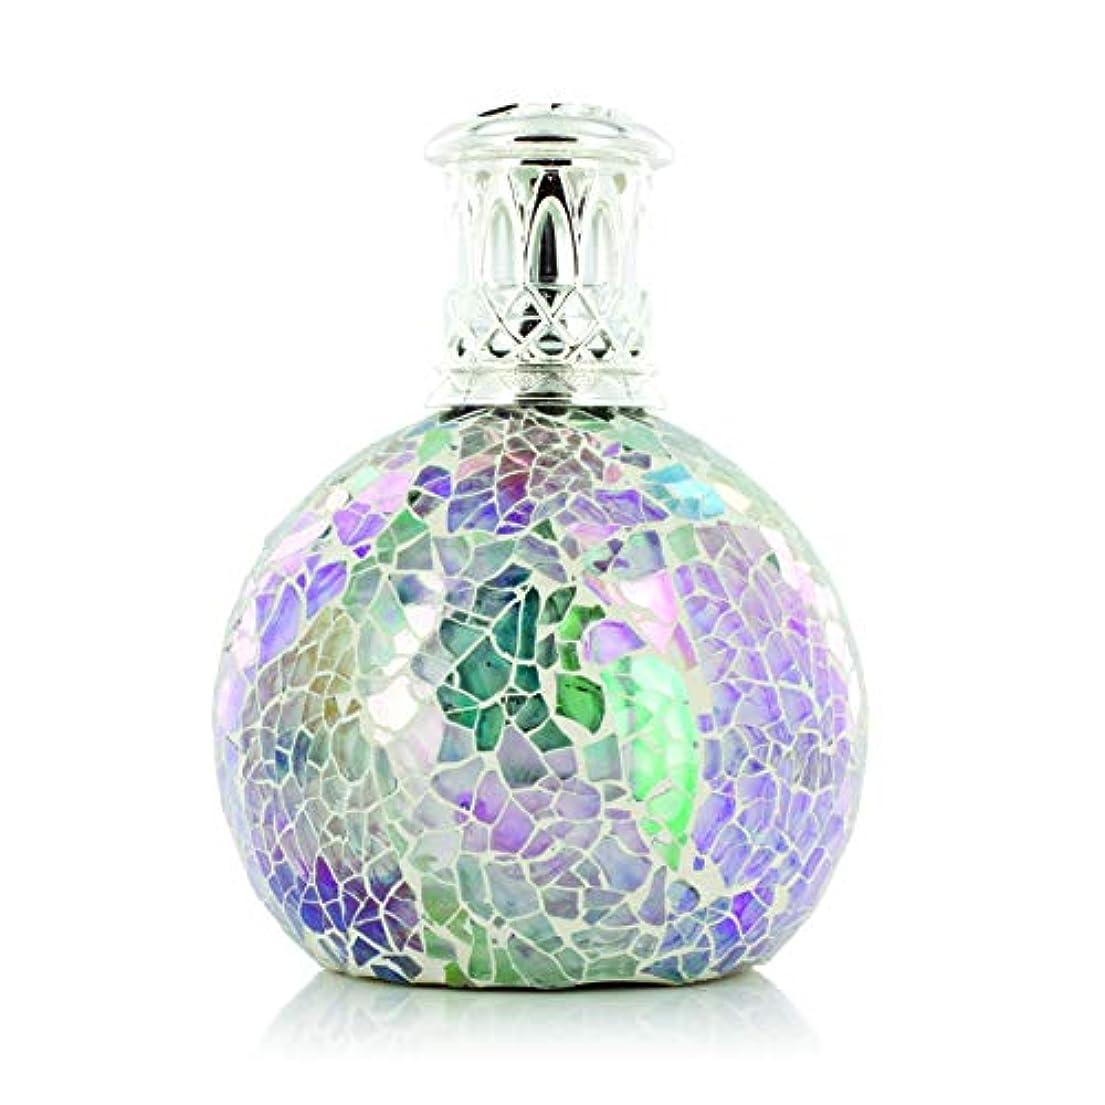 高くデザートすることになっているAshleigh&Burwood フレグランスランプ S フェアリーボール FragranceLamps sizeS FairyBall アシュレイ&バーウッド